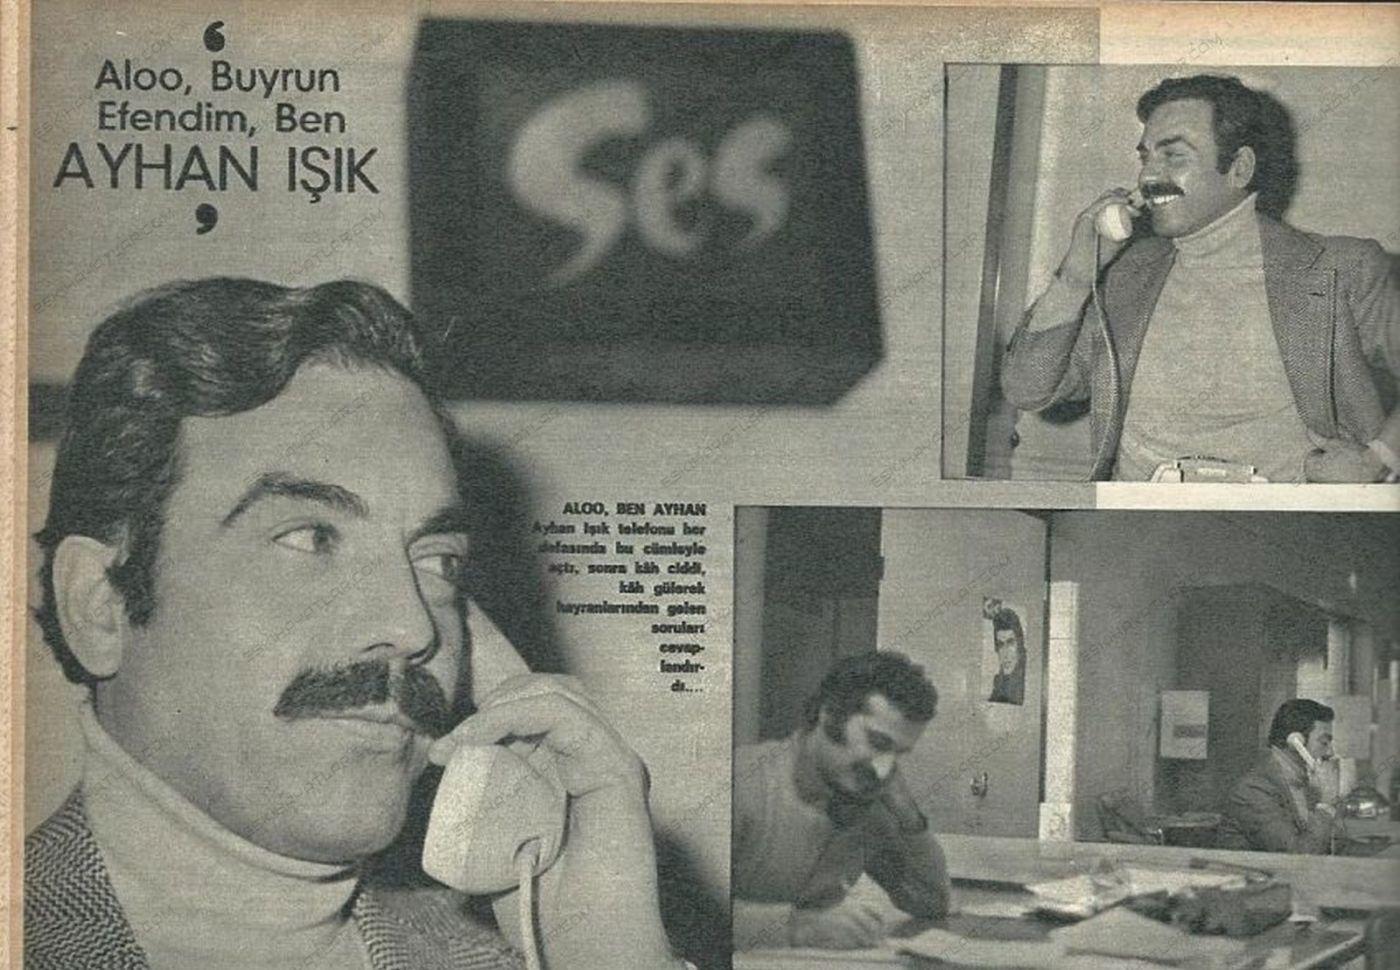 0141-ayhan-isik-hayranlariyla-telefon-gorusmesinde-1972-ses-dergisi-arsivleri (8)